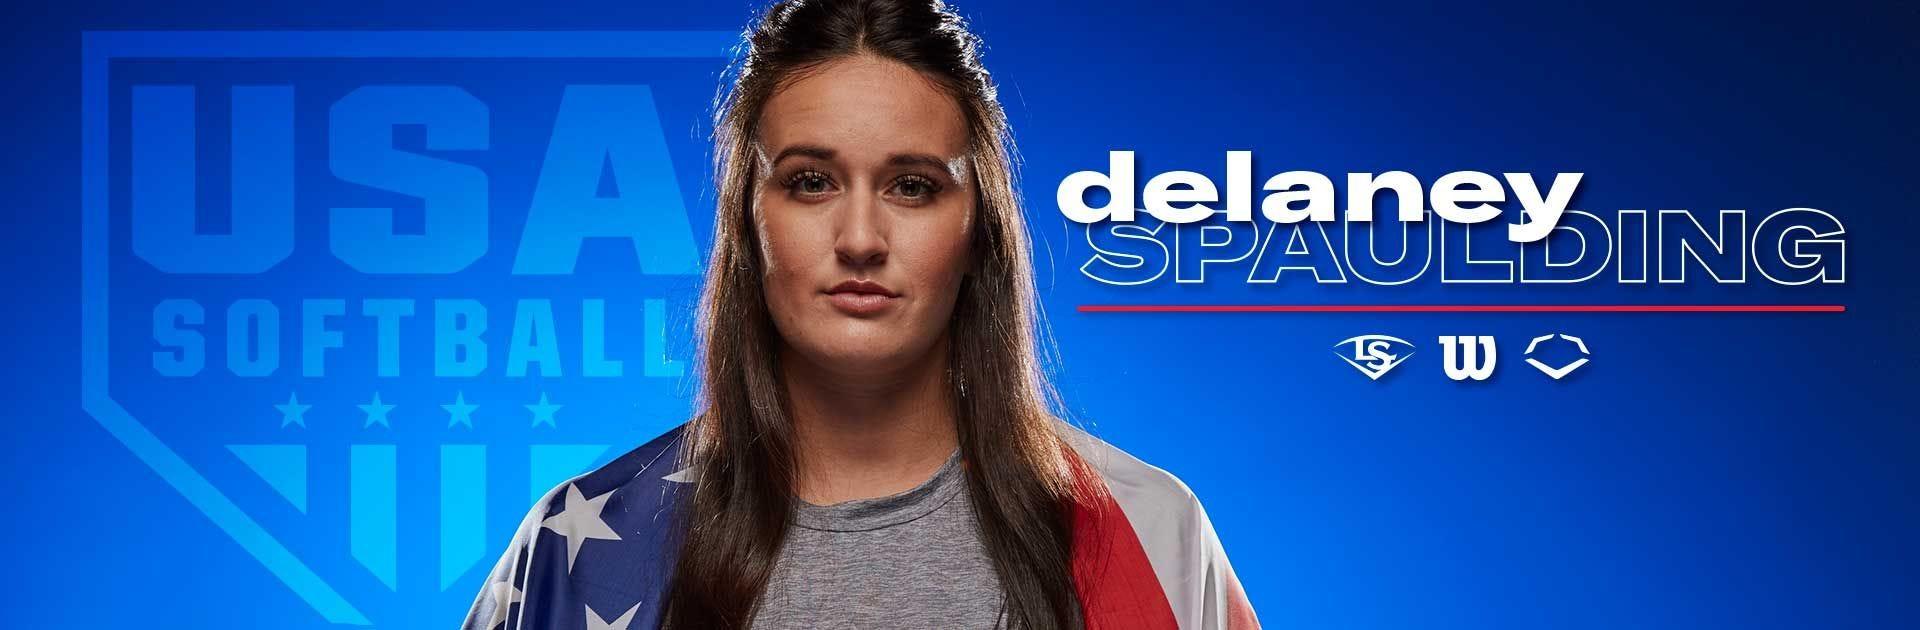 Delaney Spaulding on Team USA Softball